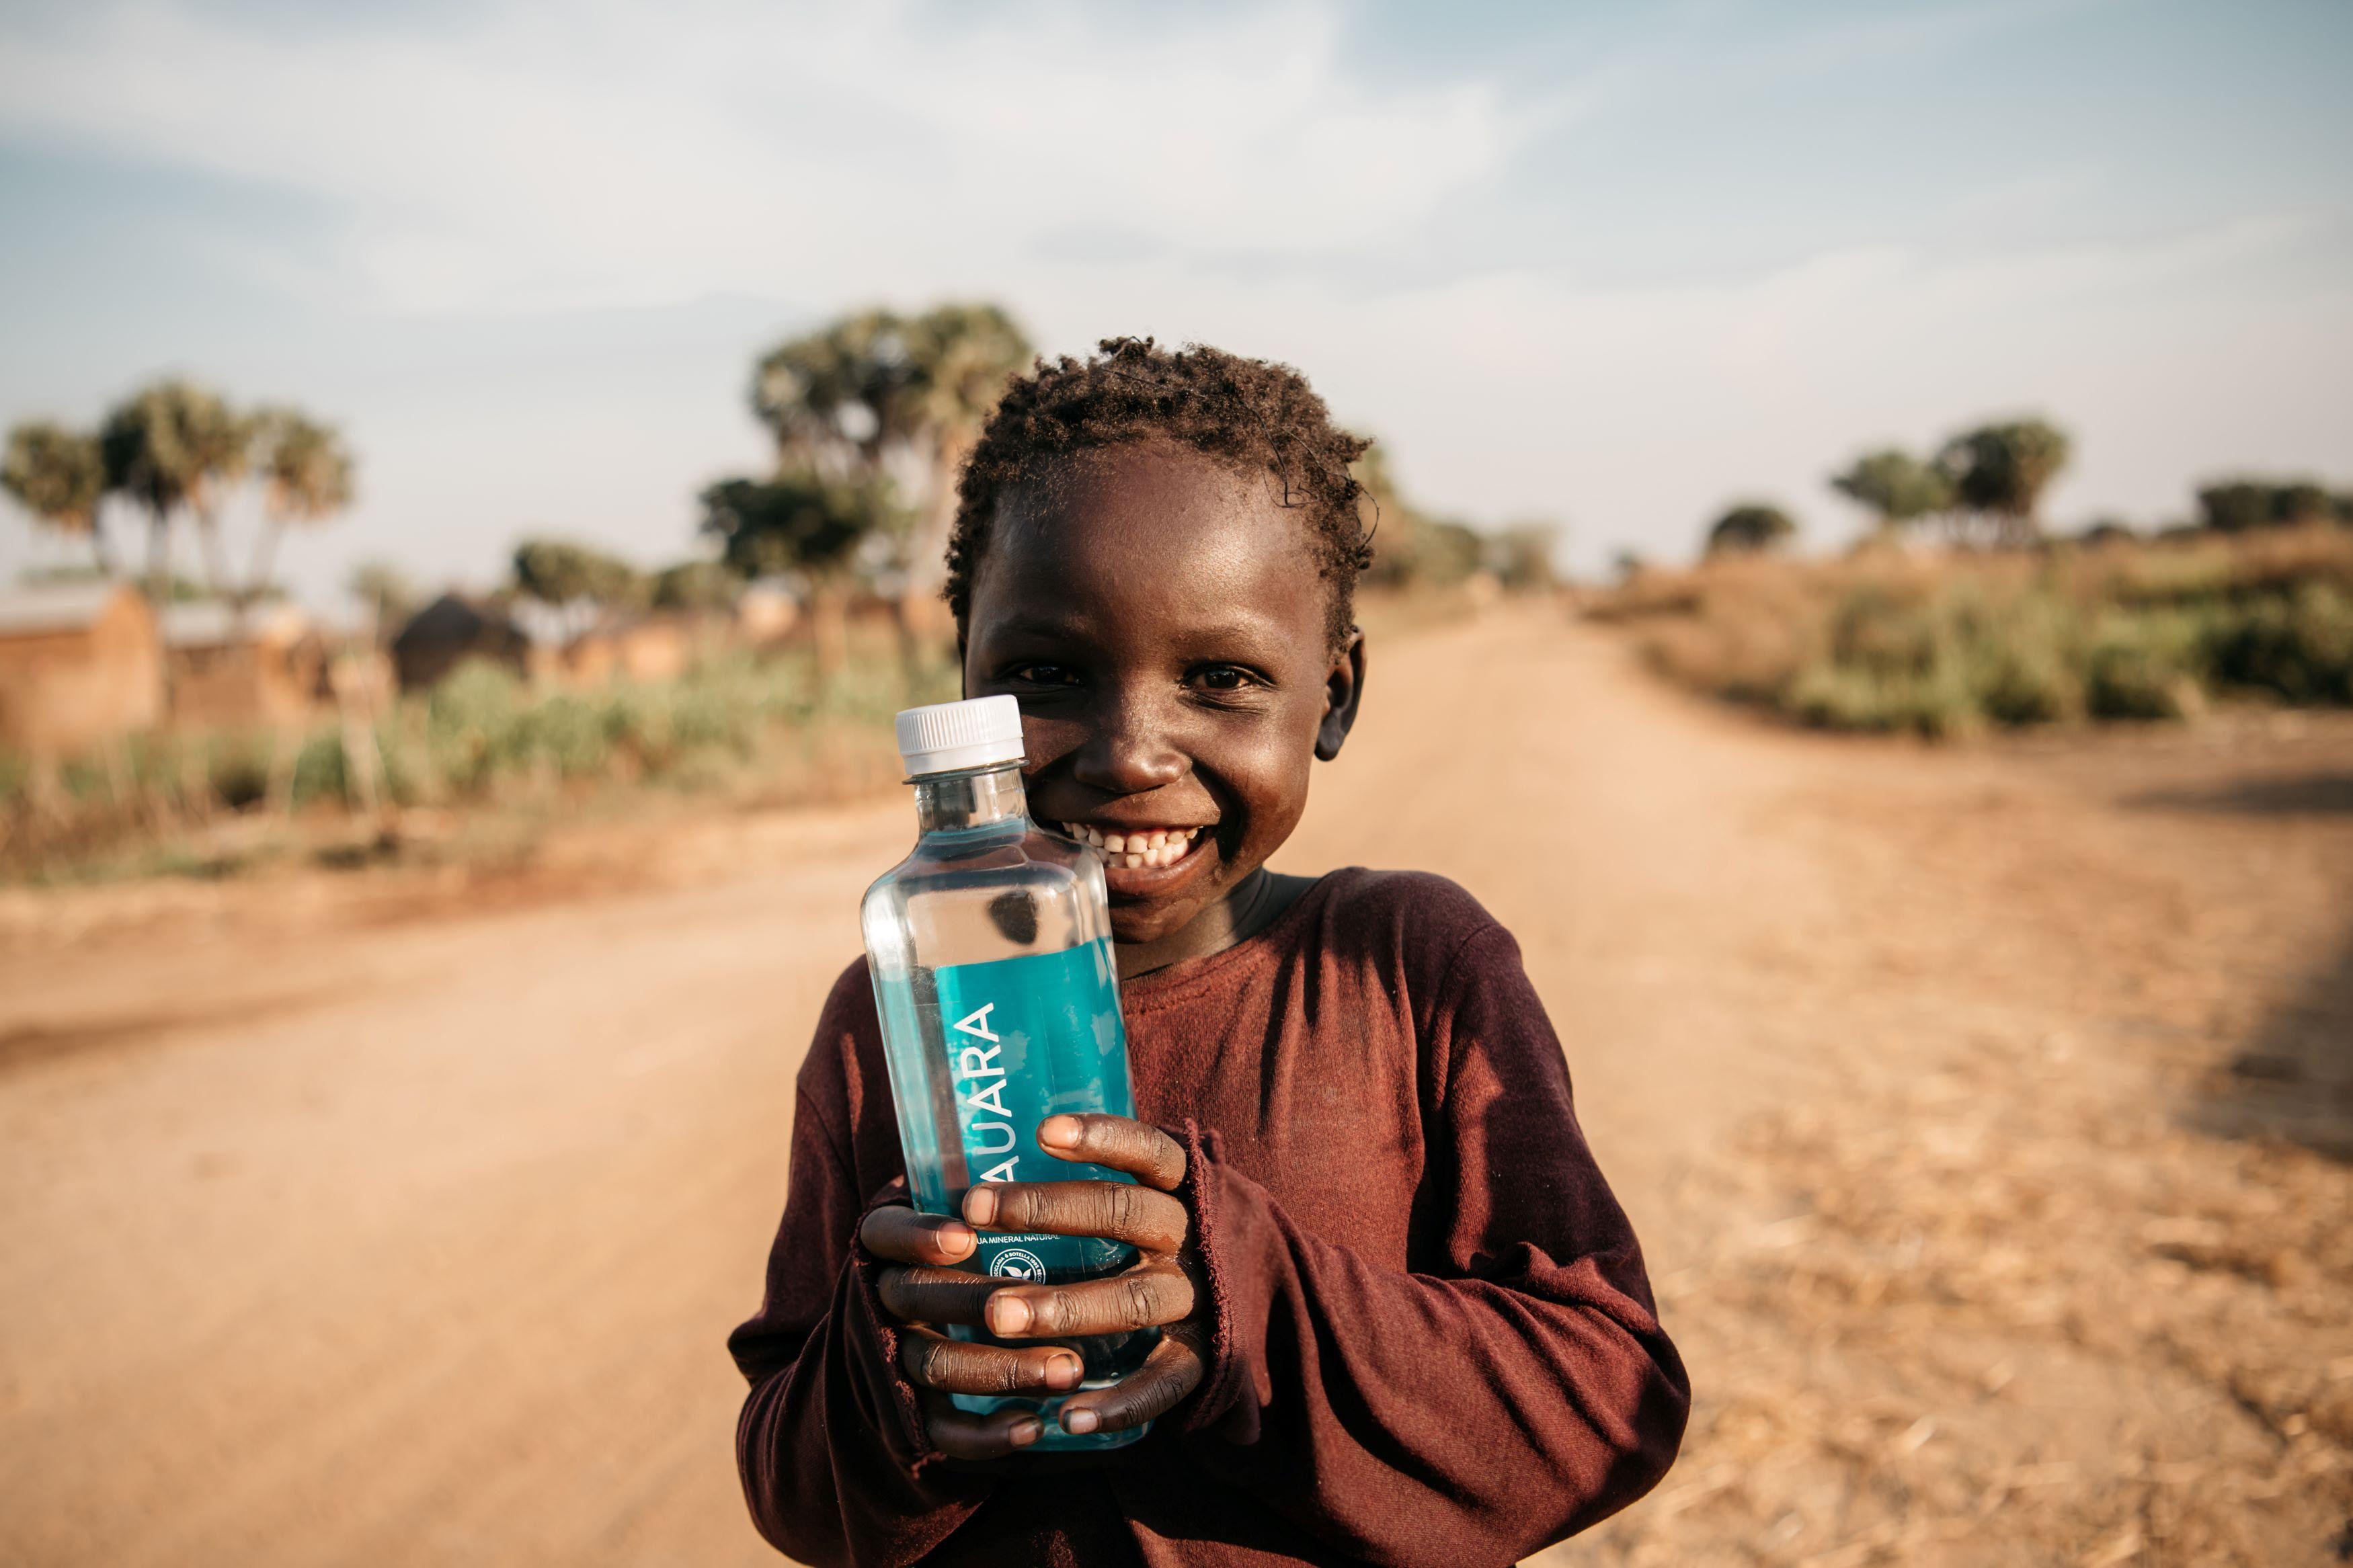 Foto de Imagen tomada en un reciente viaje al Chad, donde AUARA tiene